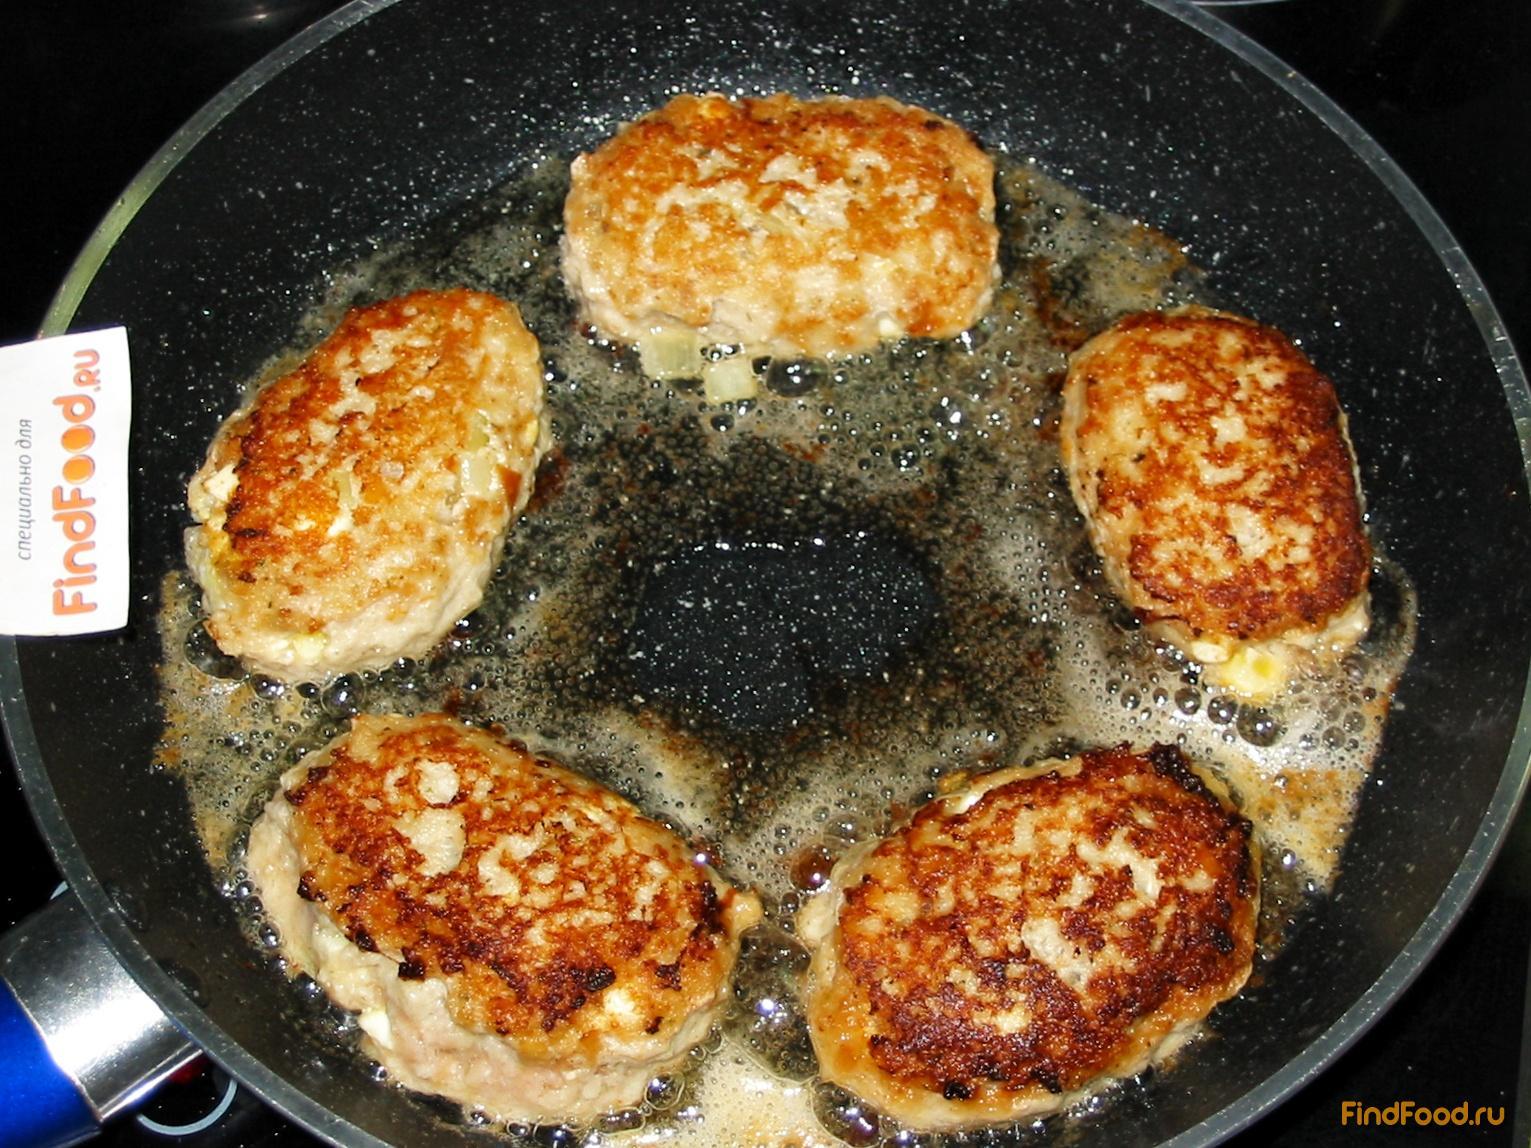 Котлеты с яйцом и луком внутри рецепт пошагово